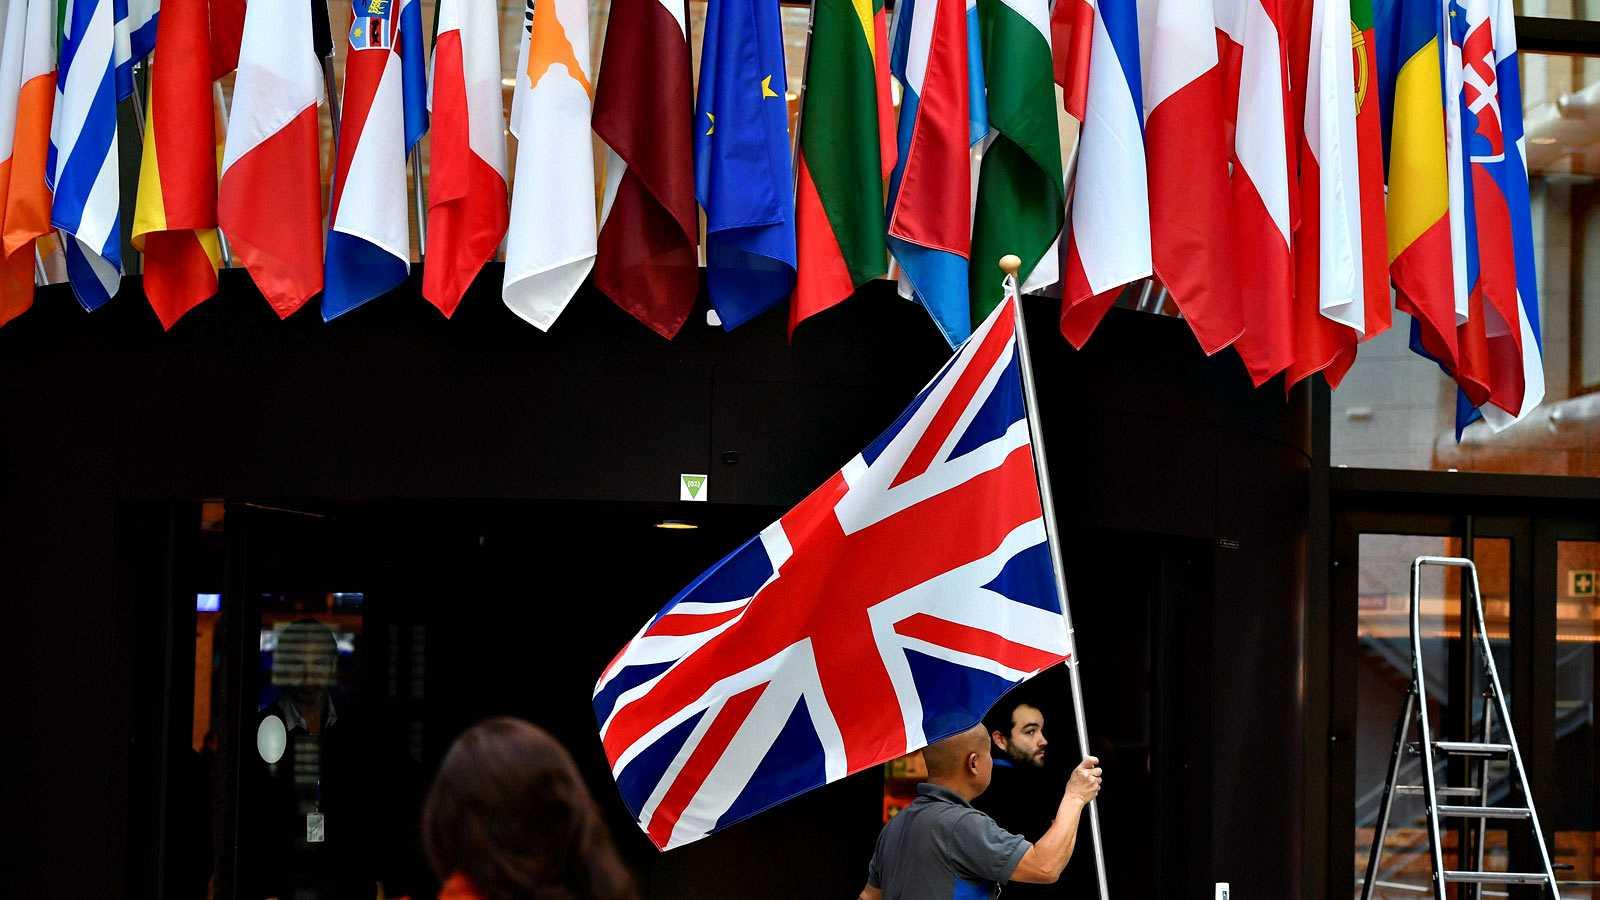 La Unión Europea y Reino Unido deben negociar ahora su futura relación tras la transición del 'Brexit'